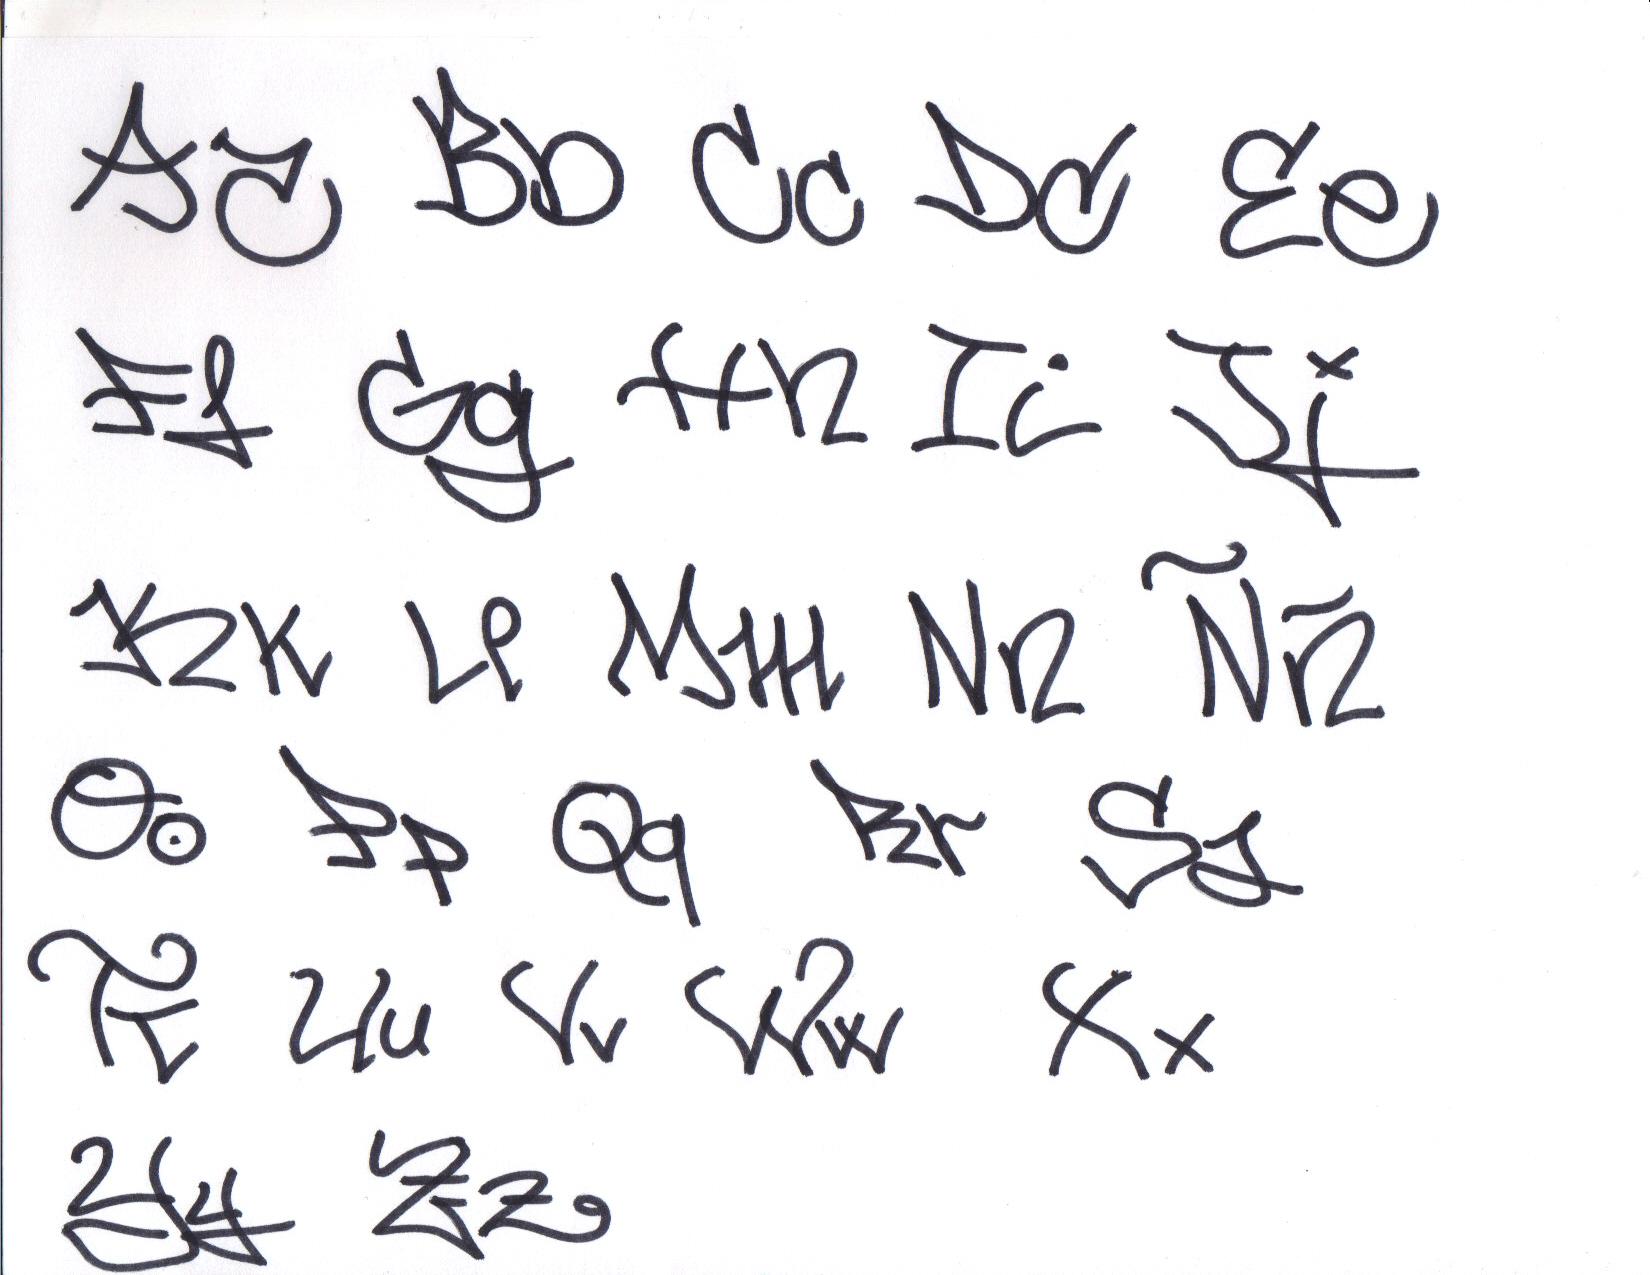 Pin Abecedario Letras Bonitas Ecro Para Dibujar Pelautscom on ...